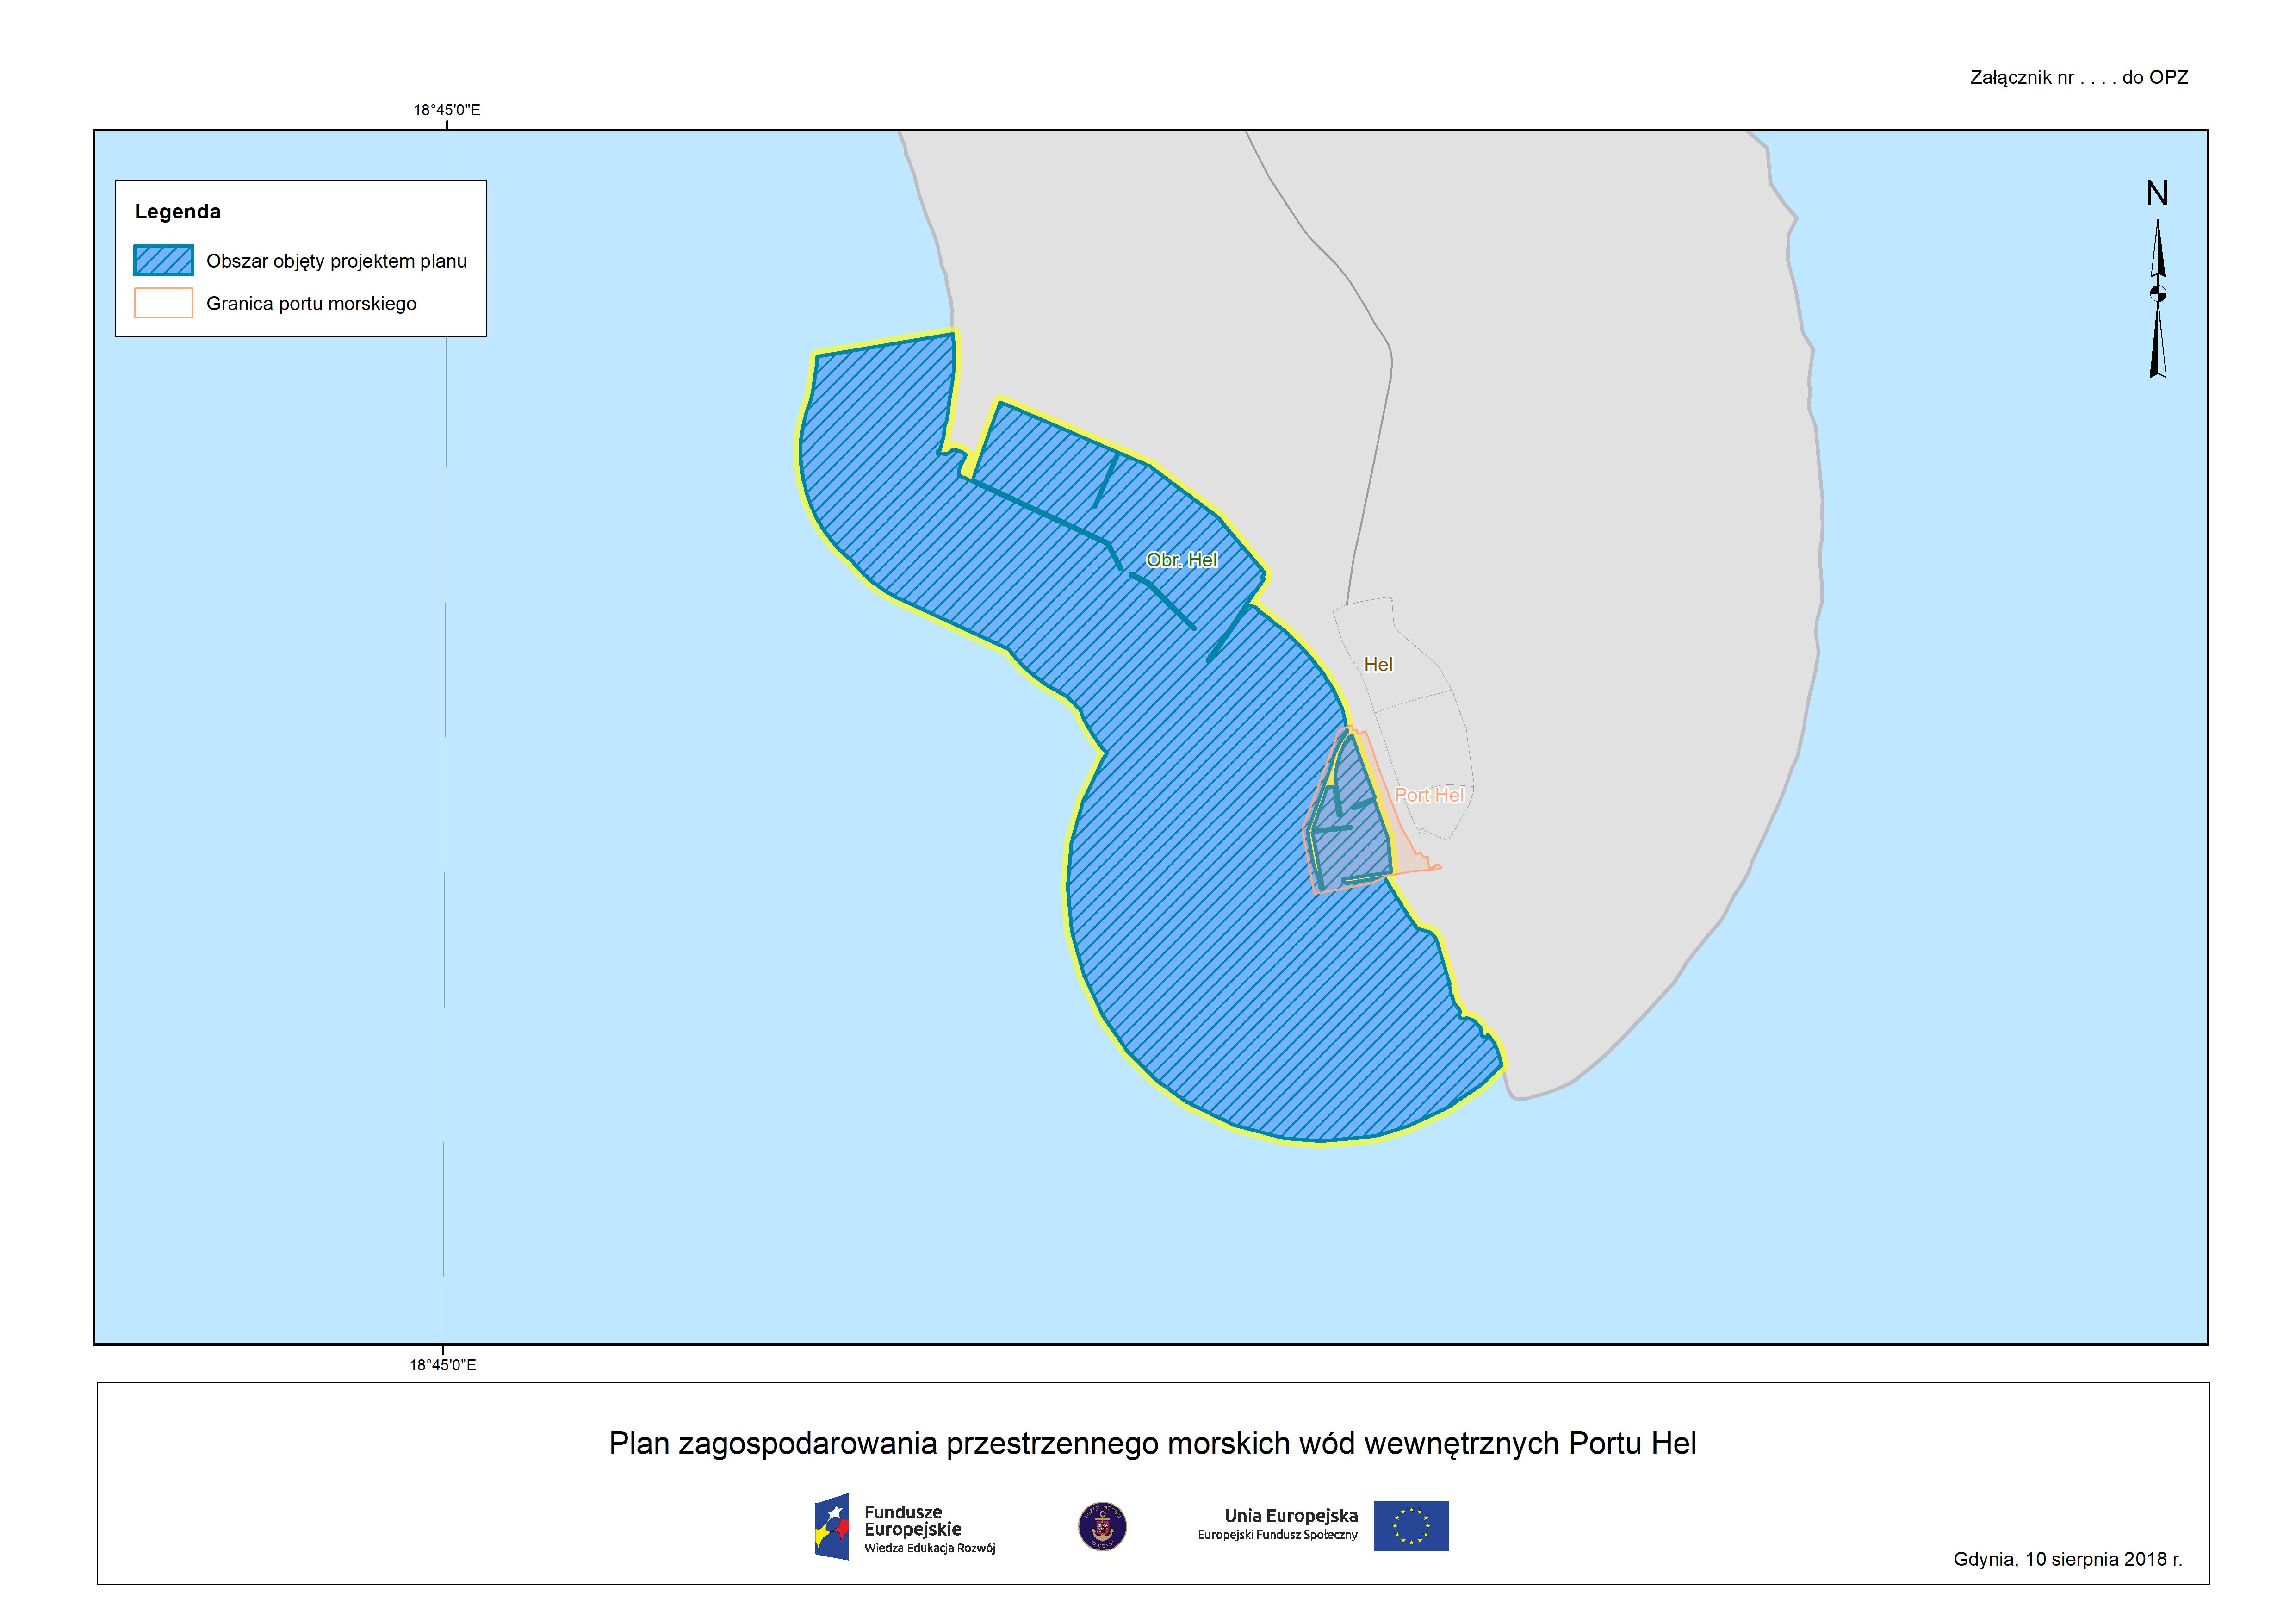 Plan zagospodarowania przestrzennego morskich wód wewnętrznych Portu Hel